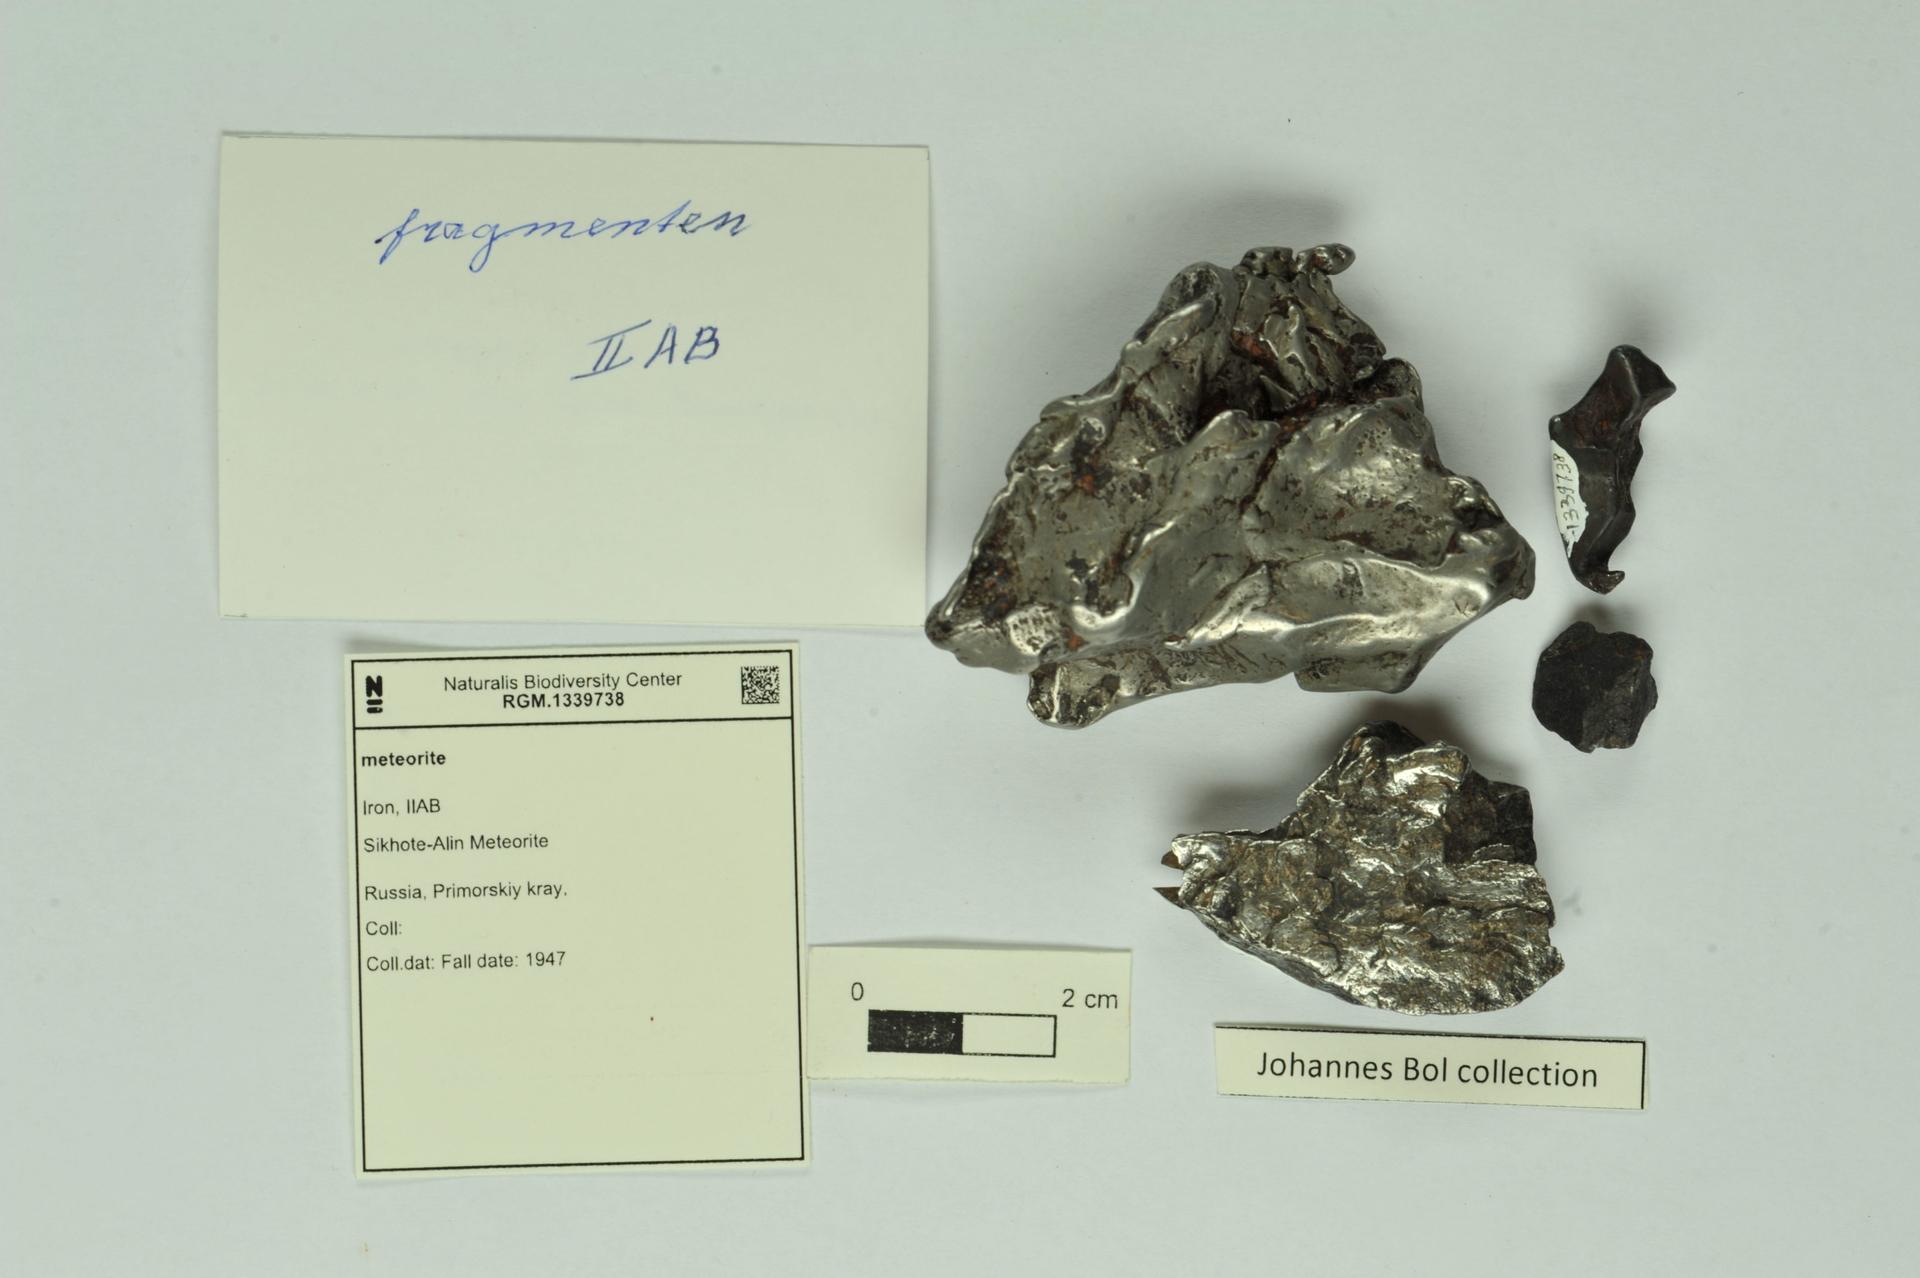 RGM.1339738   Iron, IIAB